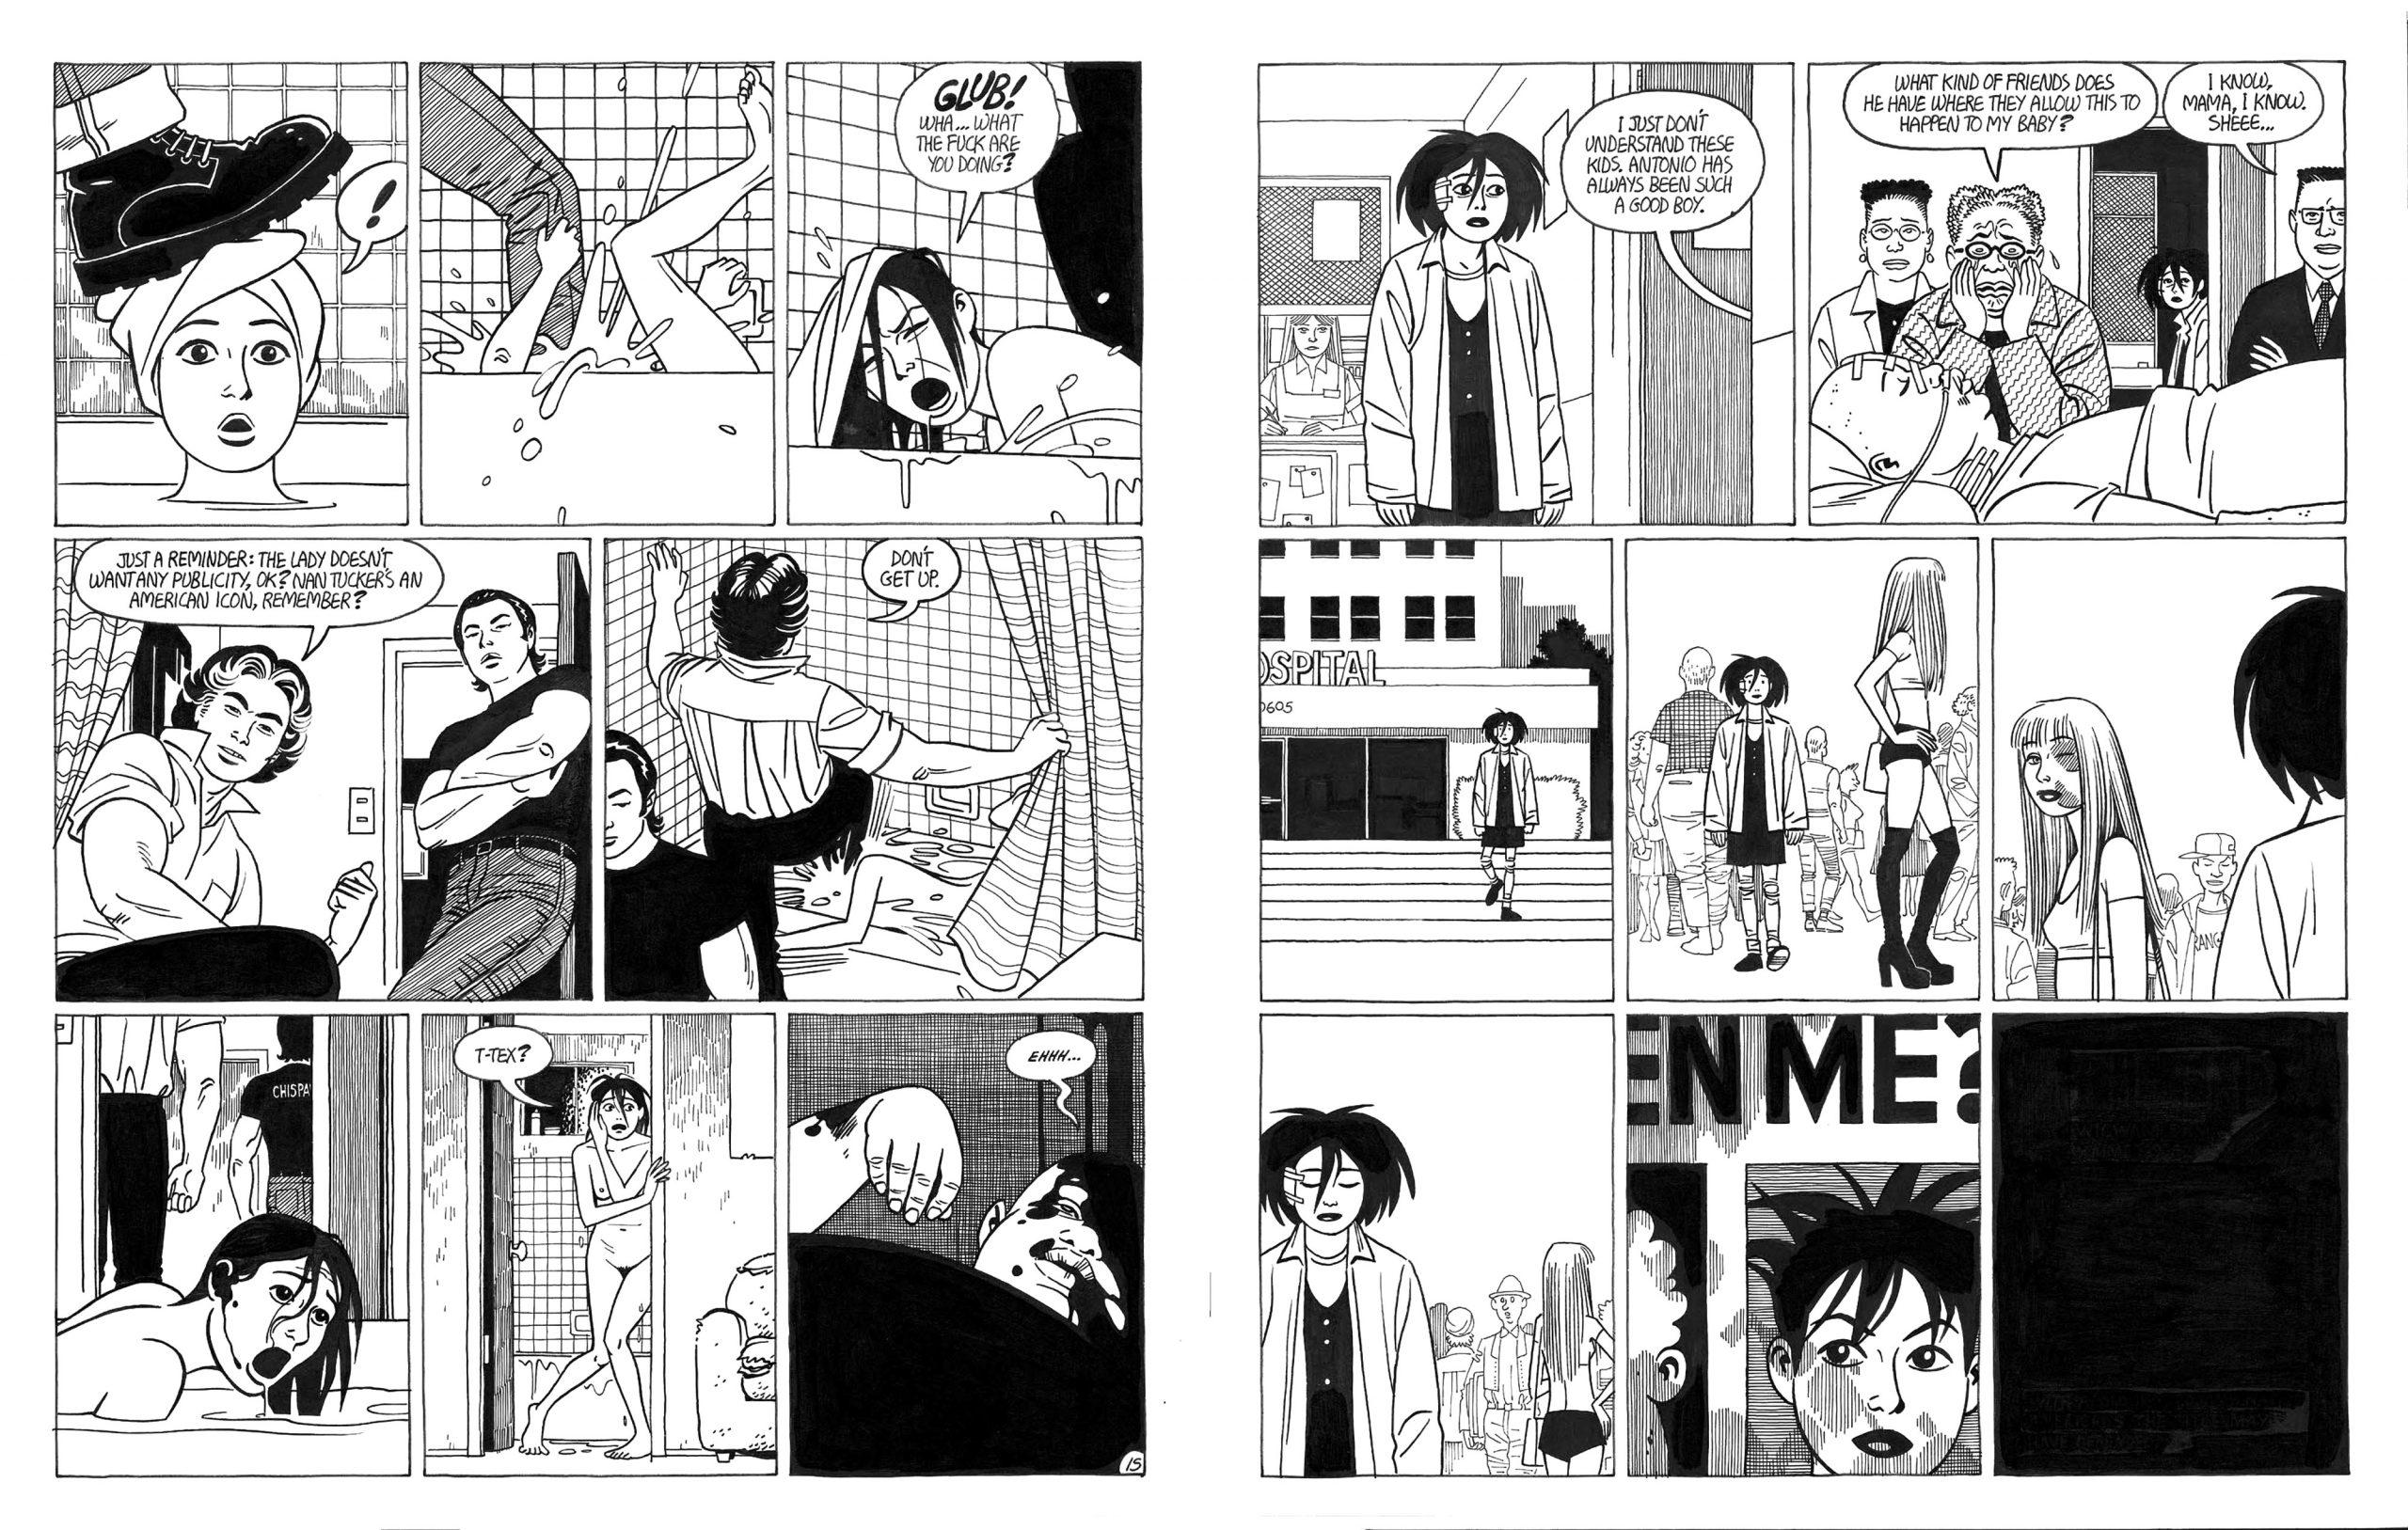 Locas II graphic novel review